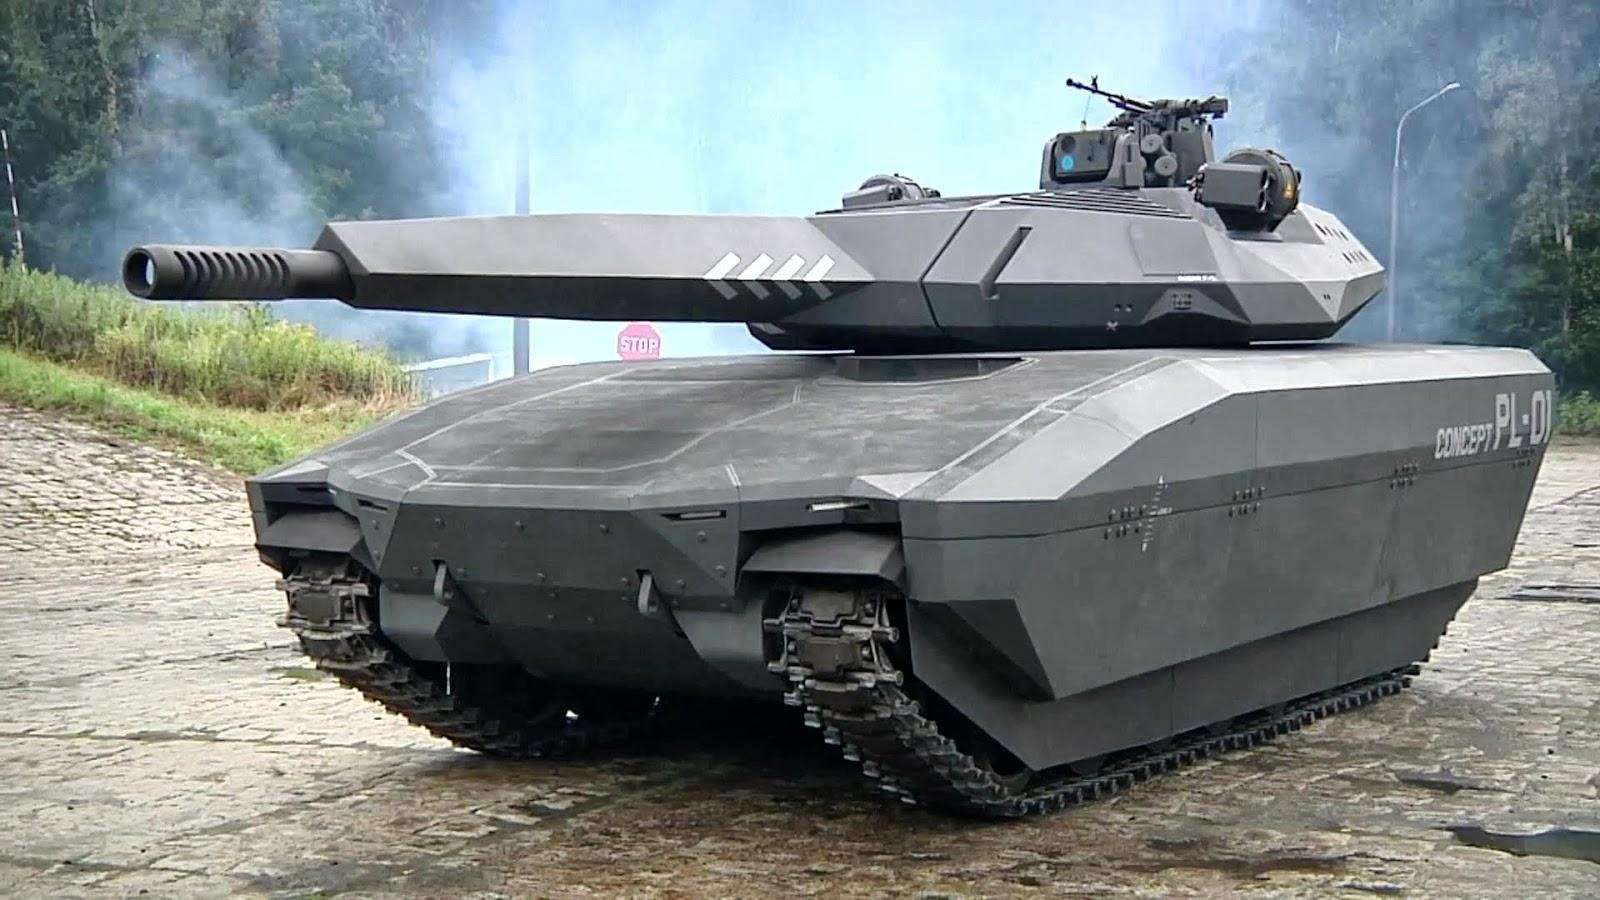 polish-tank-PL-01.jpg